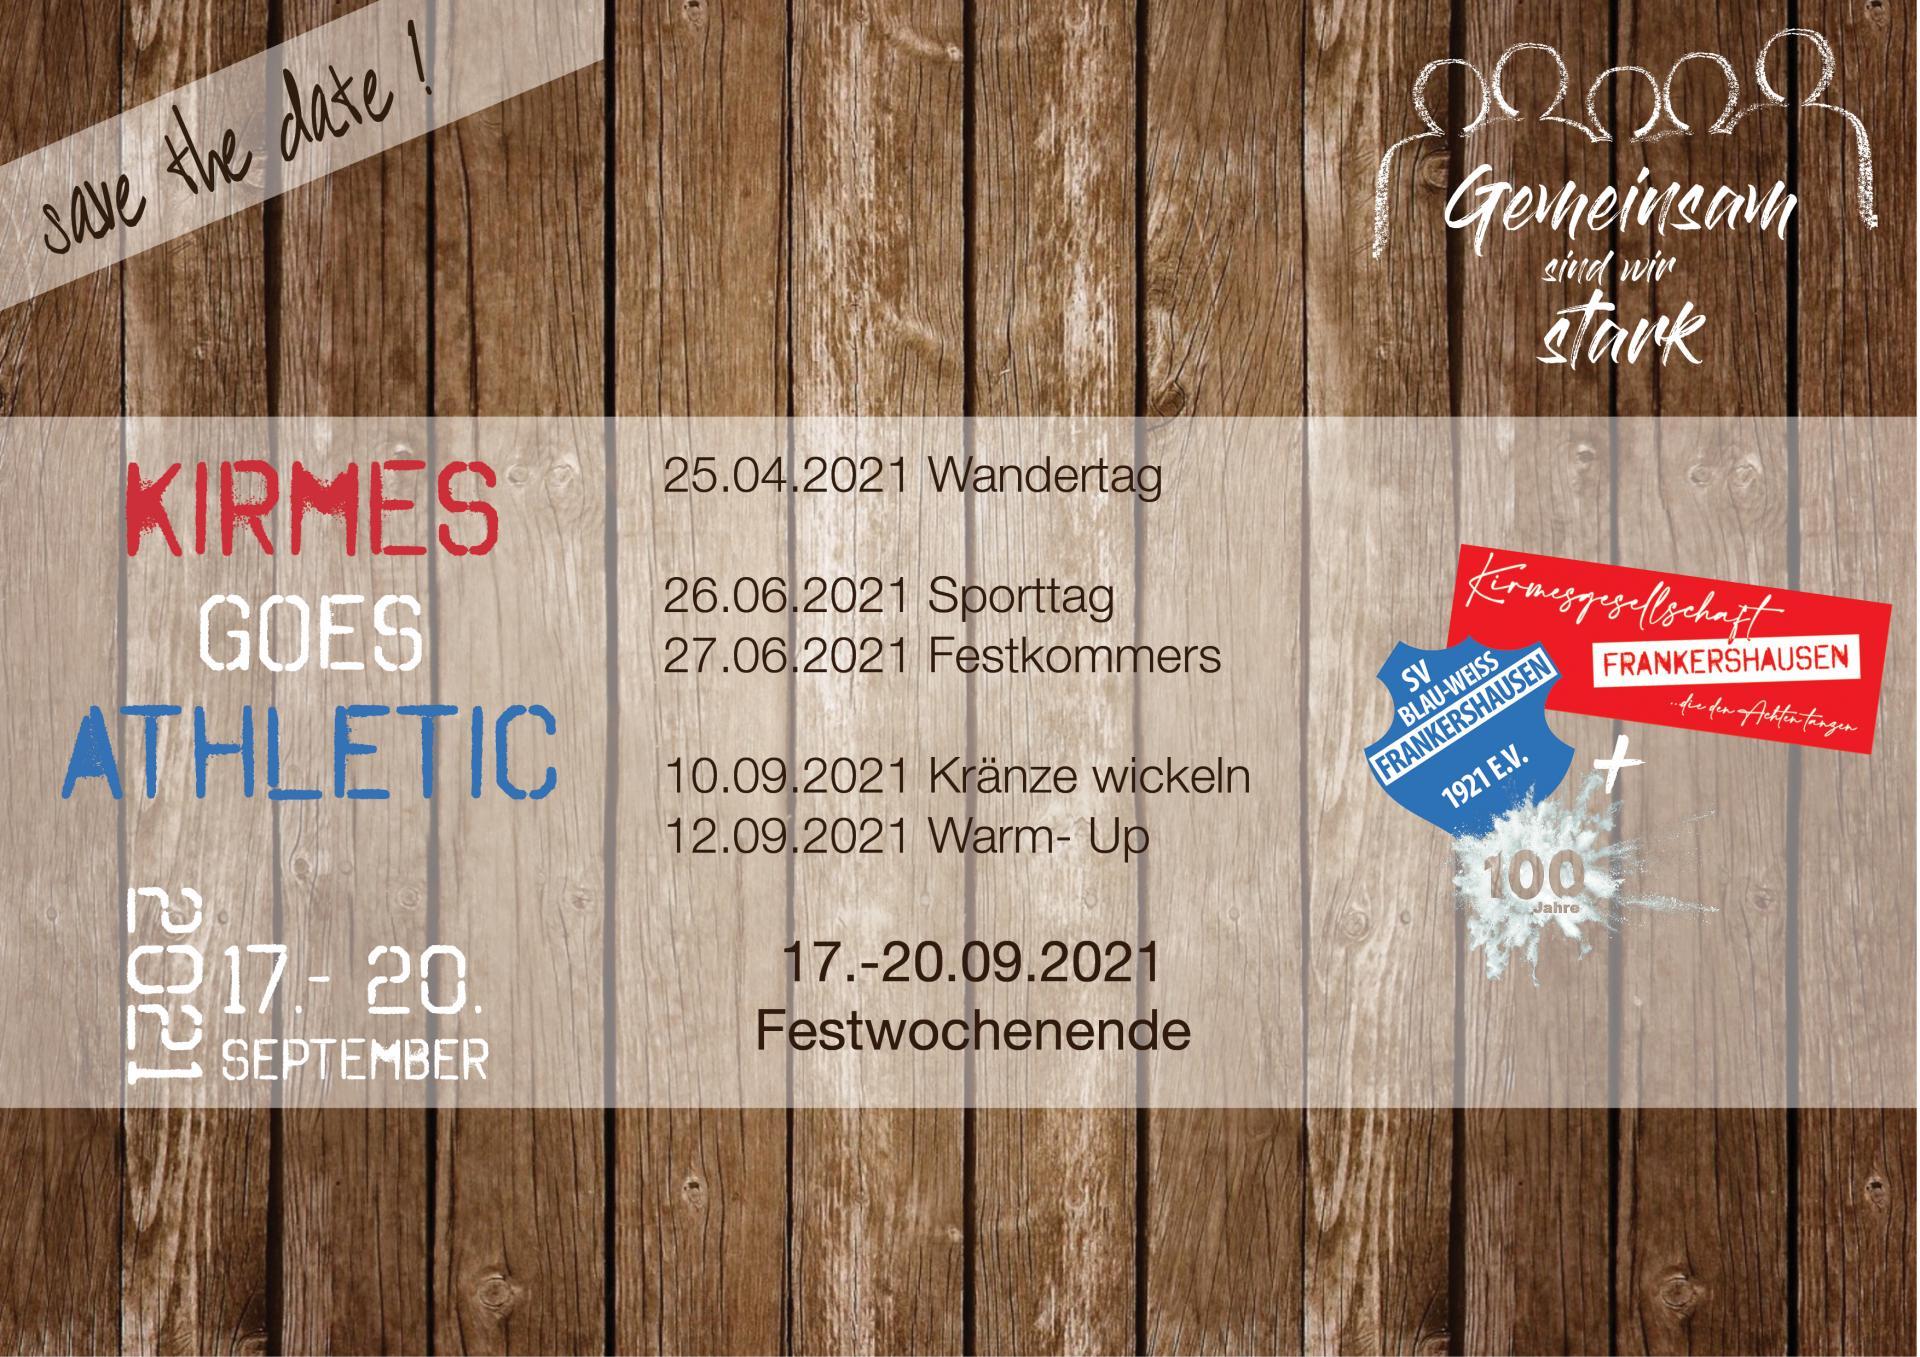 100 Jahre SV Blau-Weiss Frankershausen